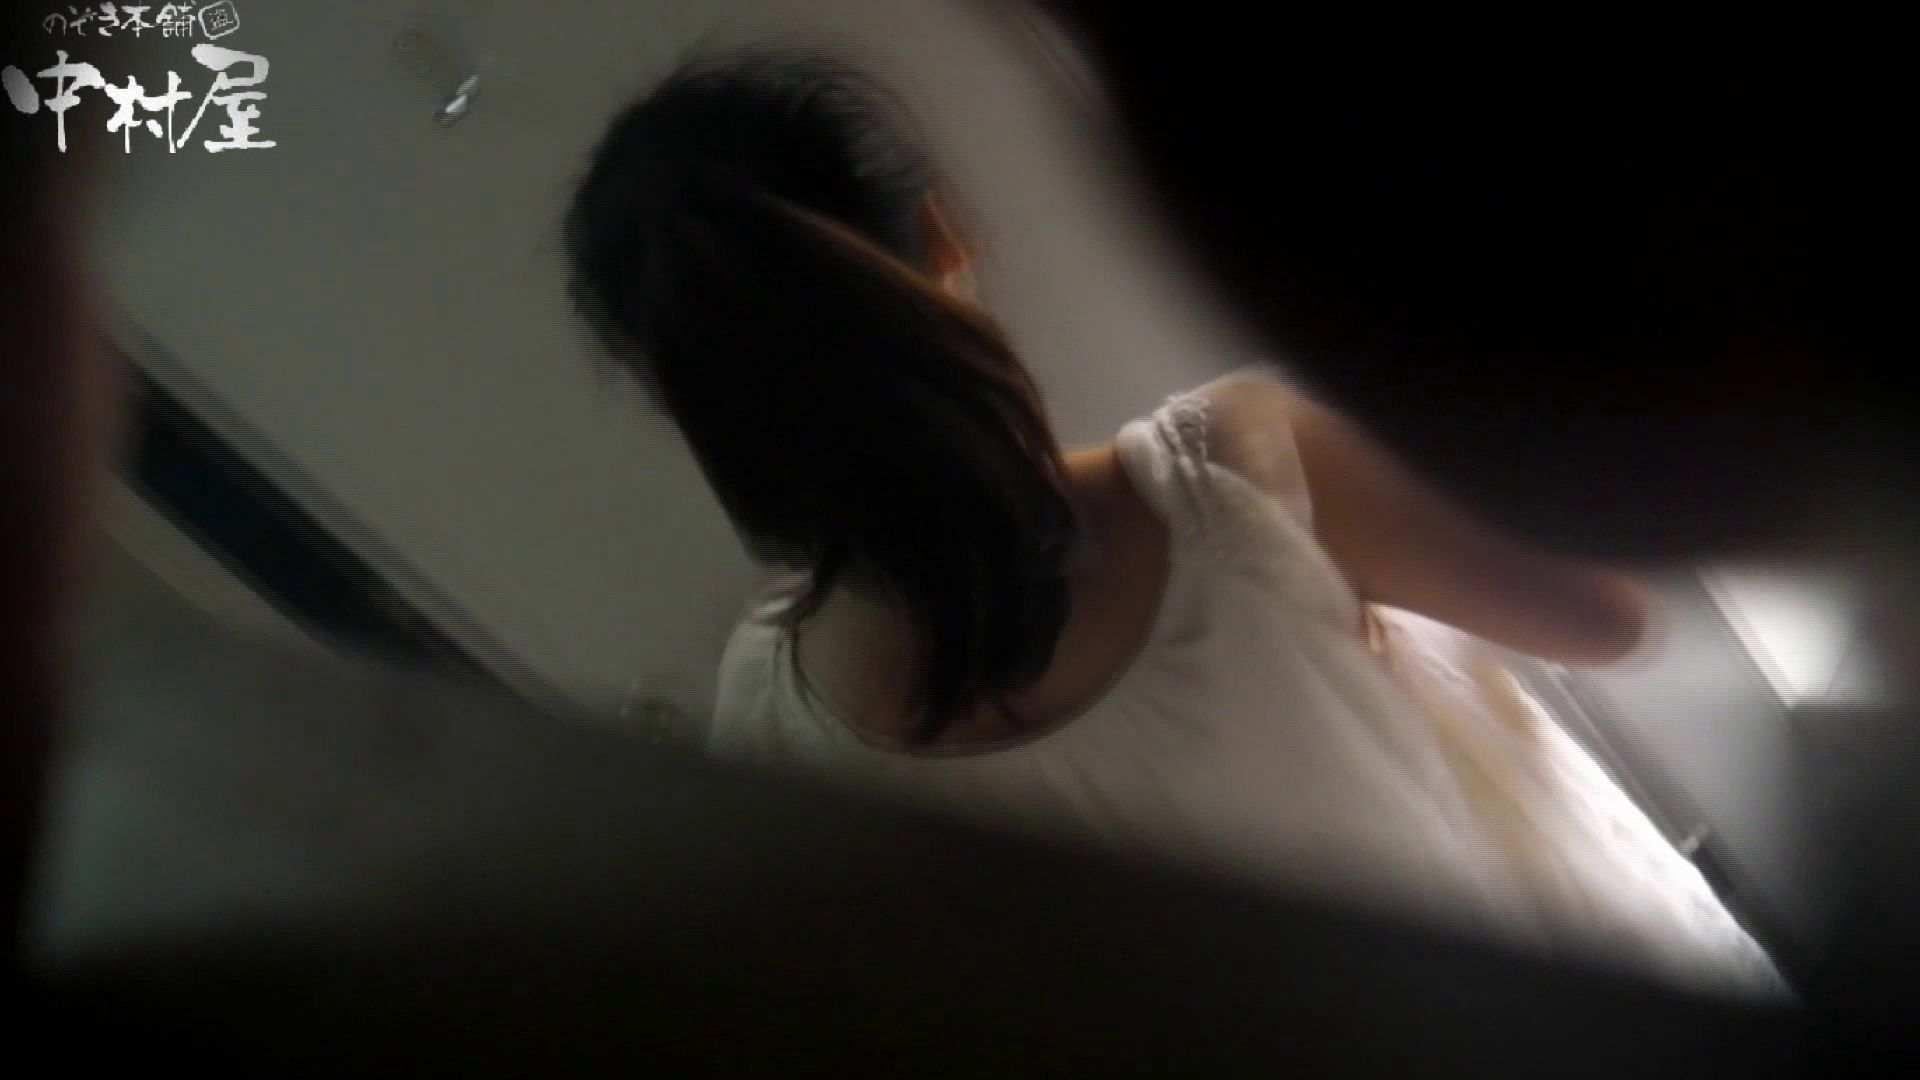 世界の射窓から vol.45 尻出しスマホ 前編 洗面所編 | 0  102PIX 35